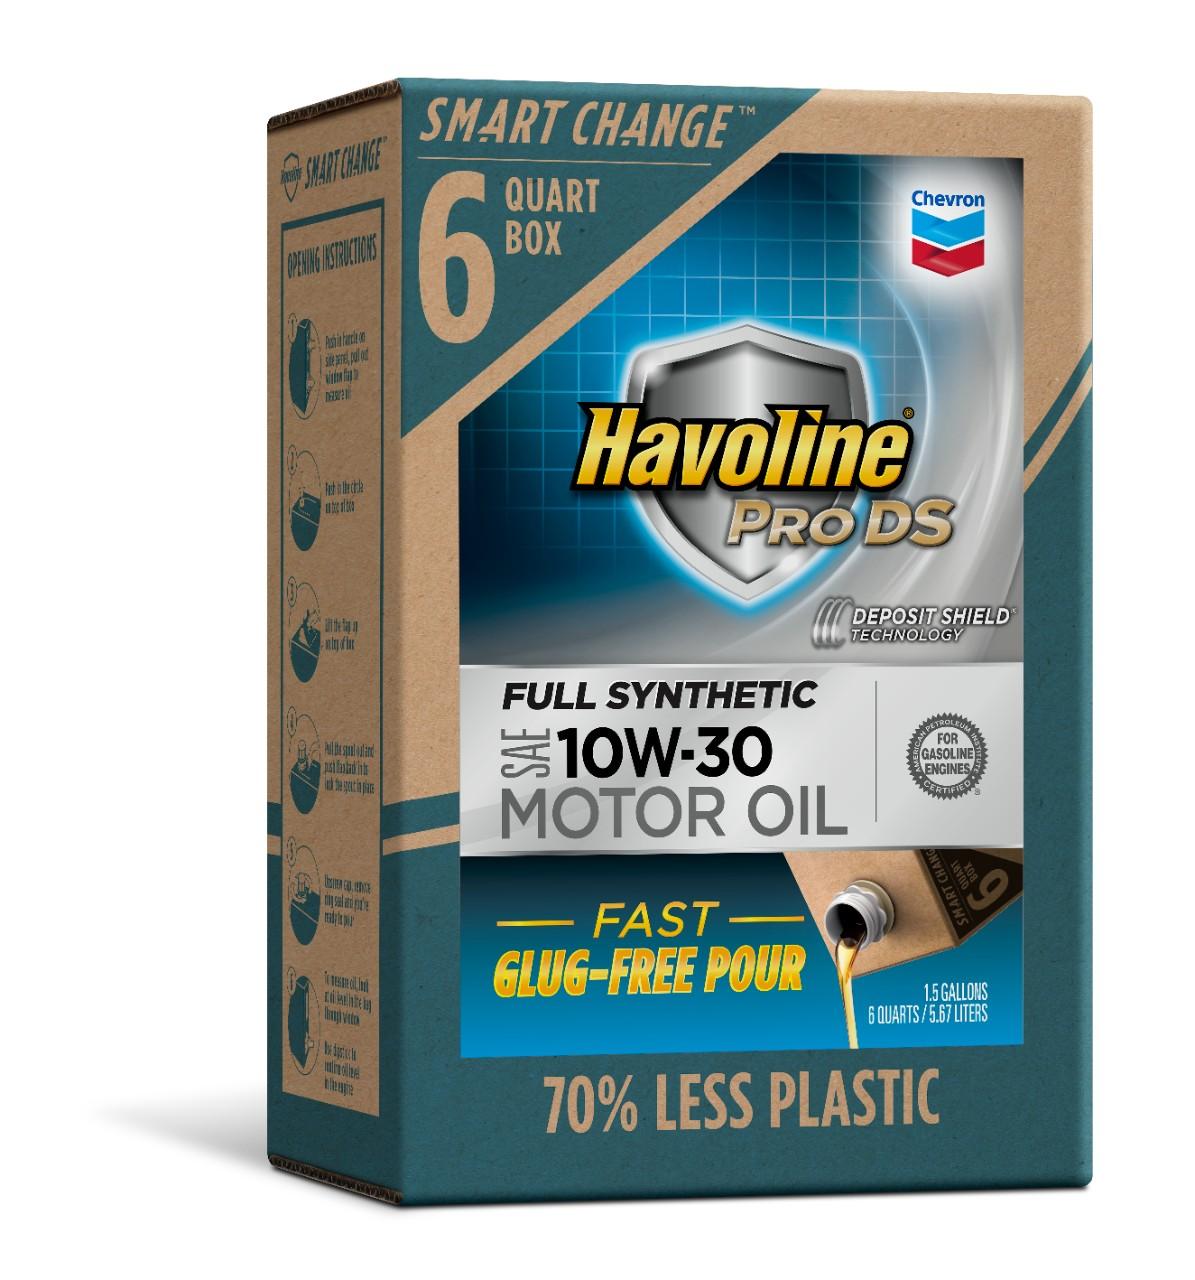 Havoline SMART CHANGE® ProDS 10W-30 Full Synthetic Motor Oil, 6 qt.